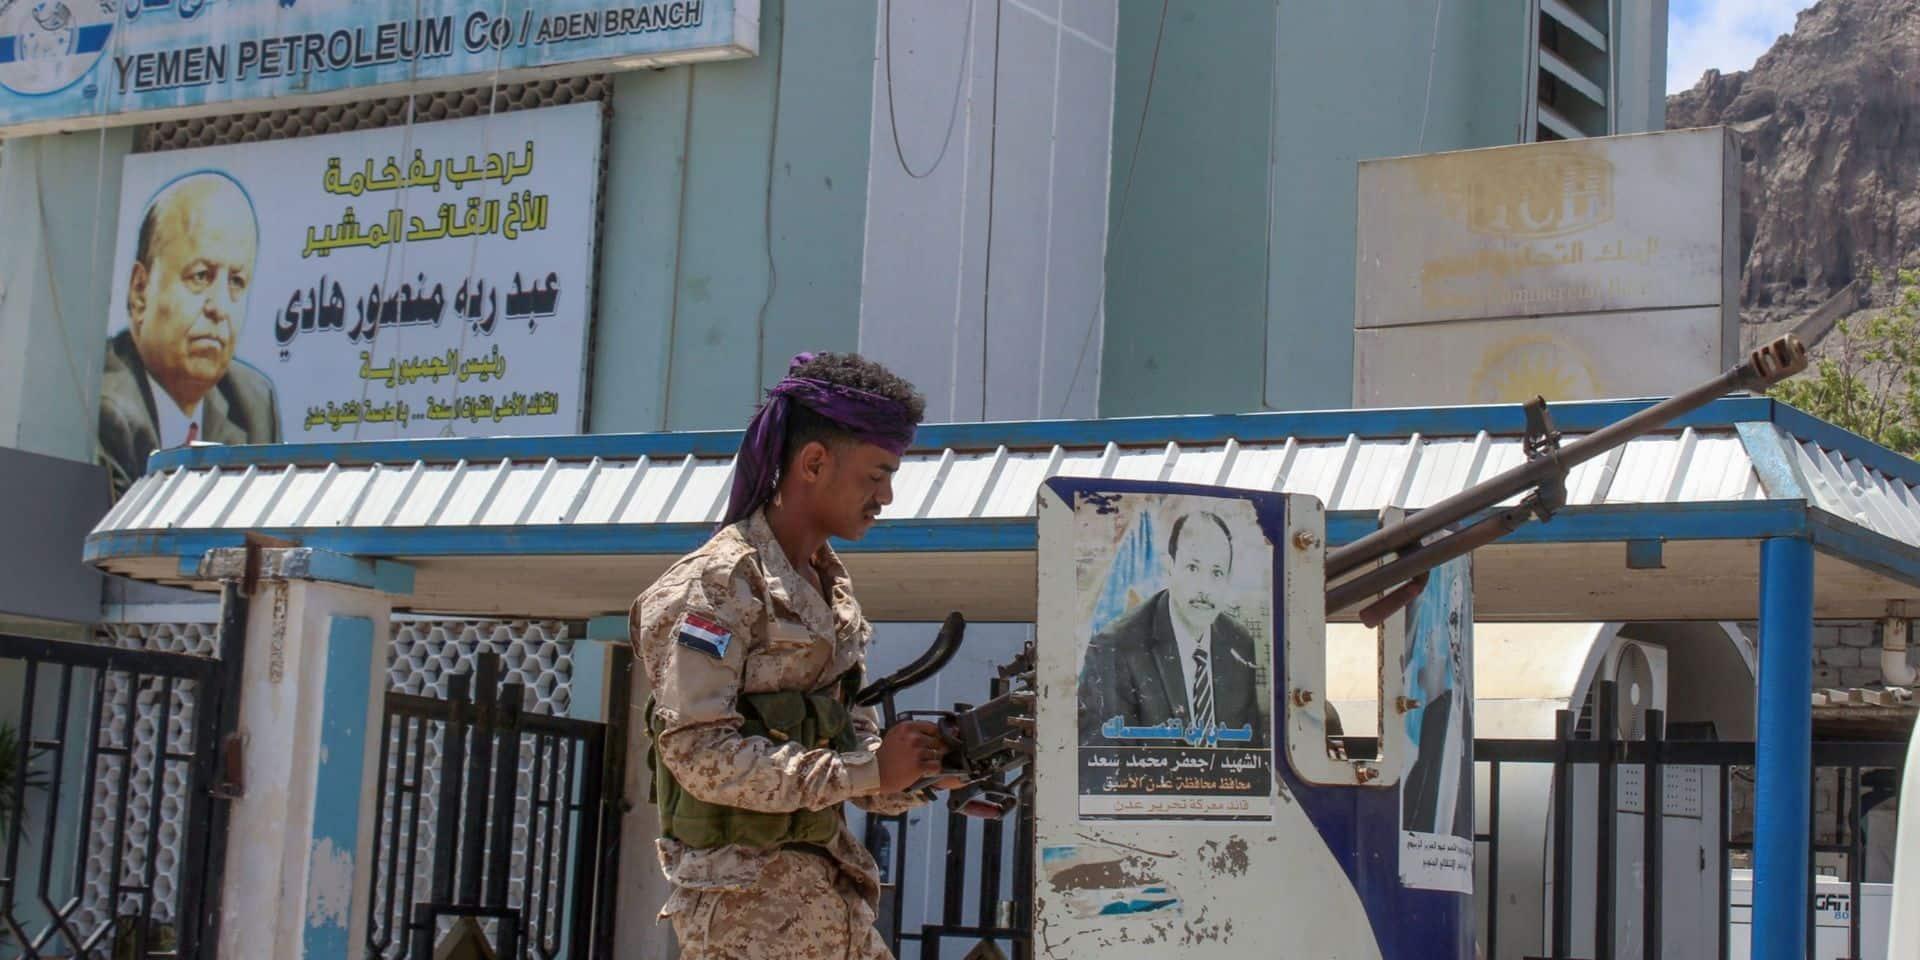 """Yémen: Riyad rejette l'autonomie du Sud et exige """"la fin de toute action entraînant une escalade"""" du conflit"""